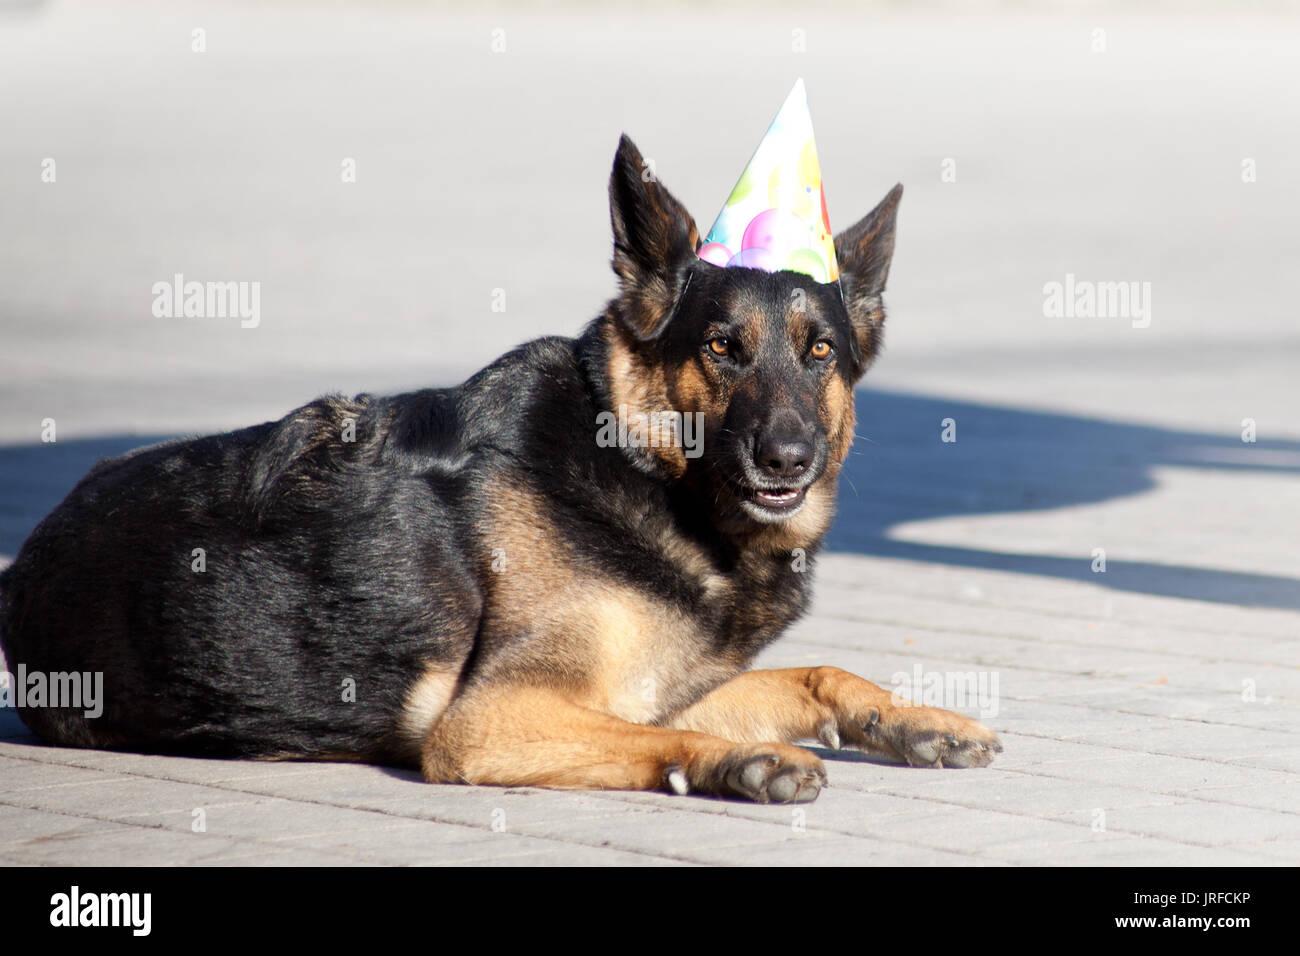 Divertente Festa Cane Con Party Hat Festeggiare Il Compleanno Foto